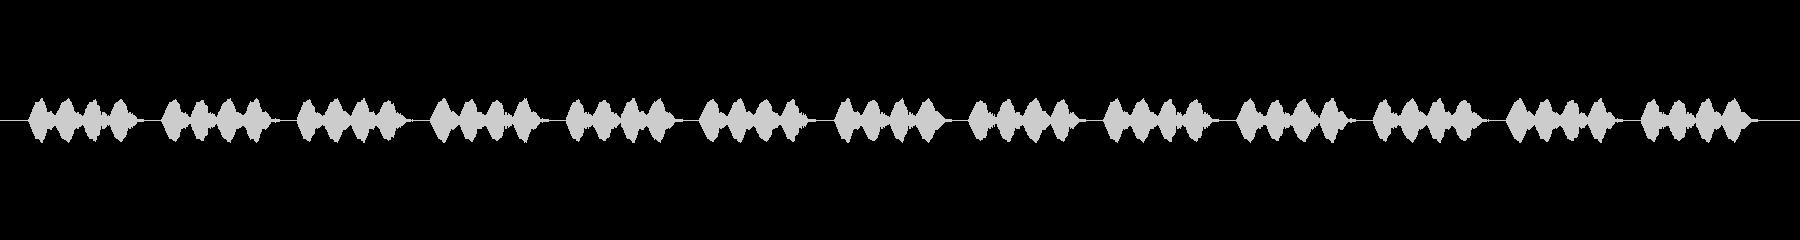 【慌てる03-2】の未再生の波形